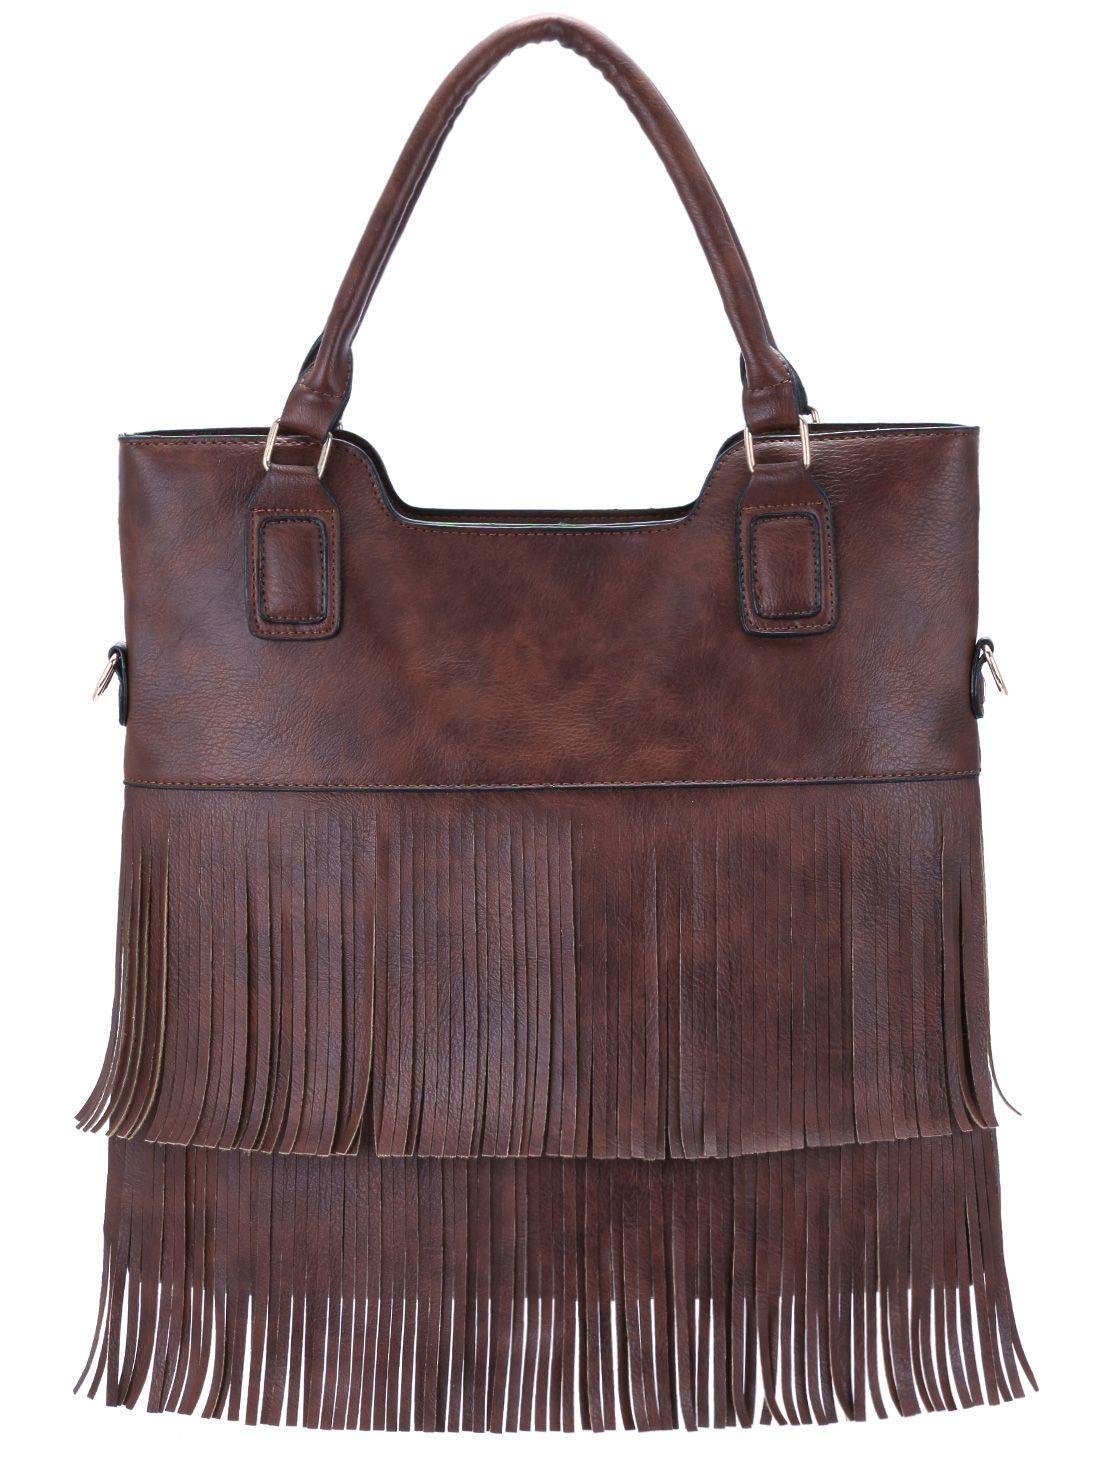 Brown Tassel PU Tote Bag 18.54